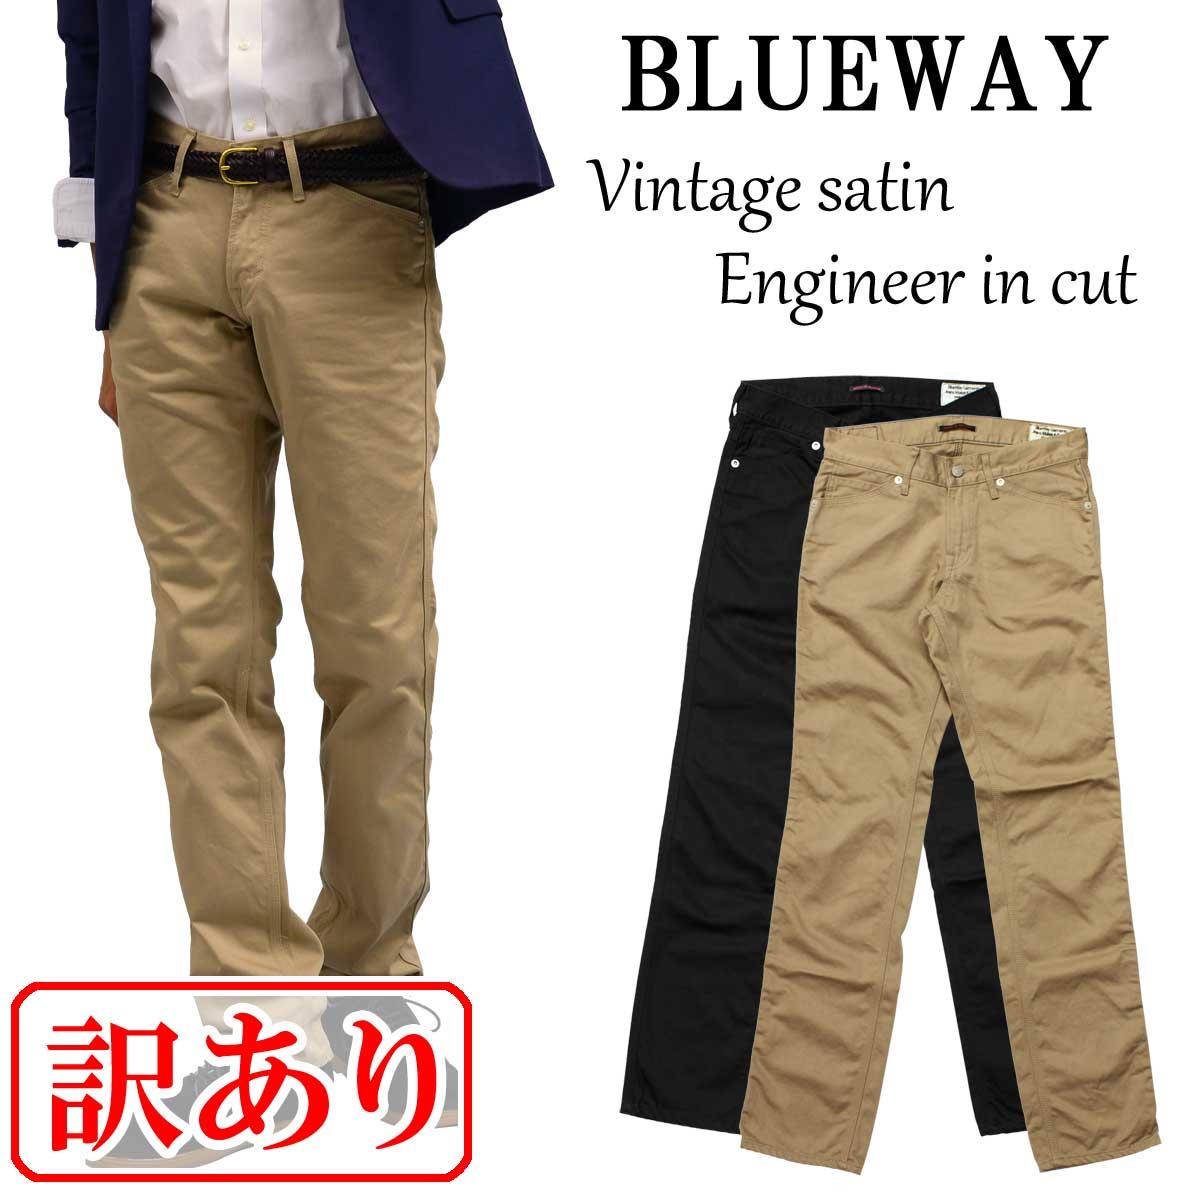 訳あり品:BLUEWAY:ビンテージサテン・エンジニアインカットパンツ(ワンウォッシュ):M1632 ブルーウェイ パンツ メンズ サテン チノパン 裾上げ B52